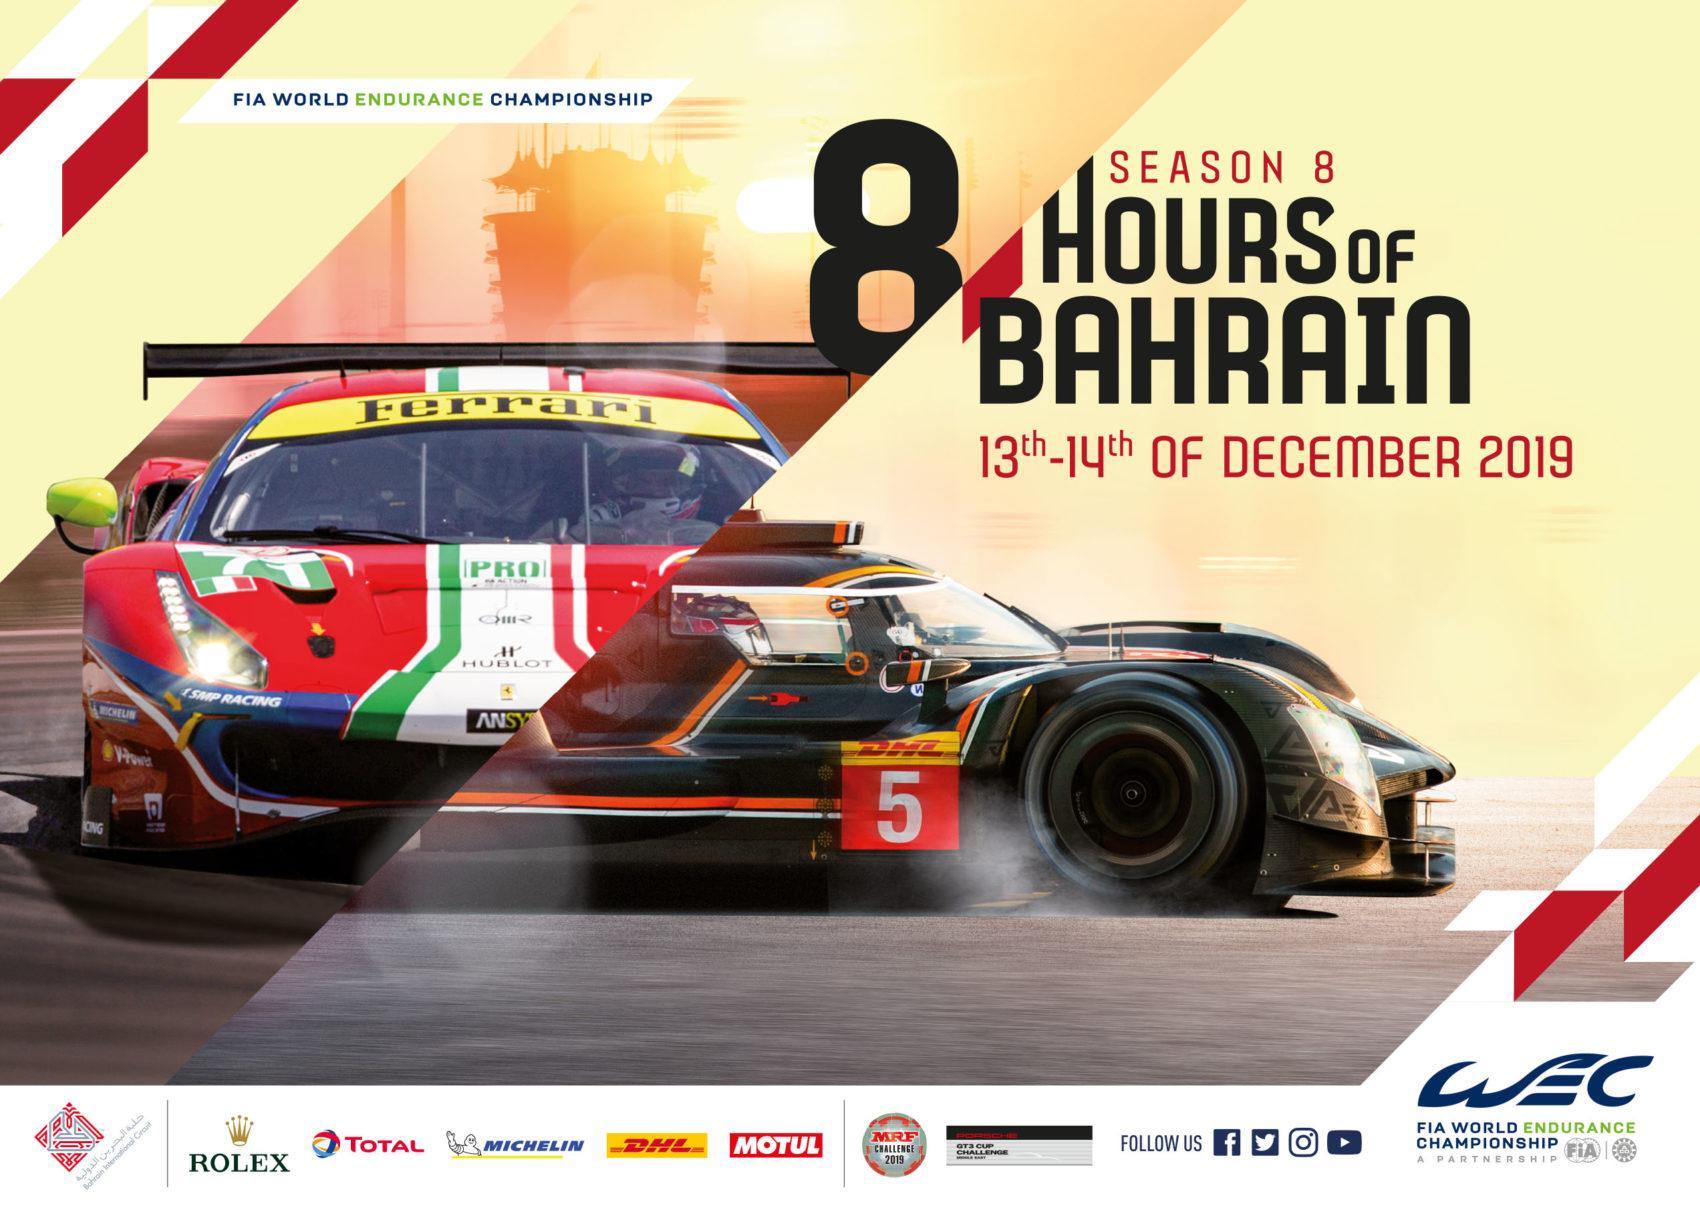 Projet_Project_WEC_FIA_world_endurance_championship_KV_bahrain